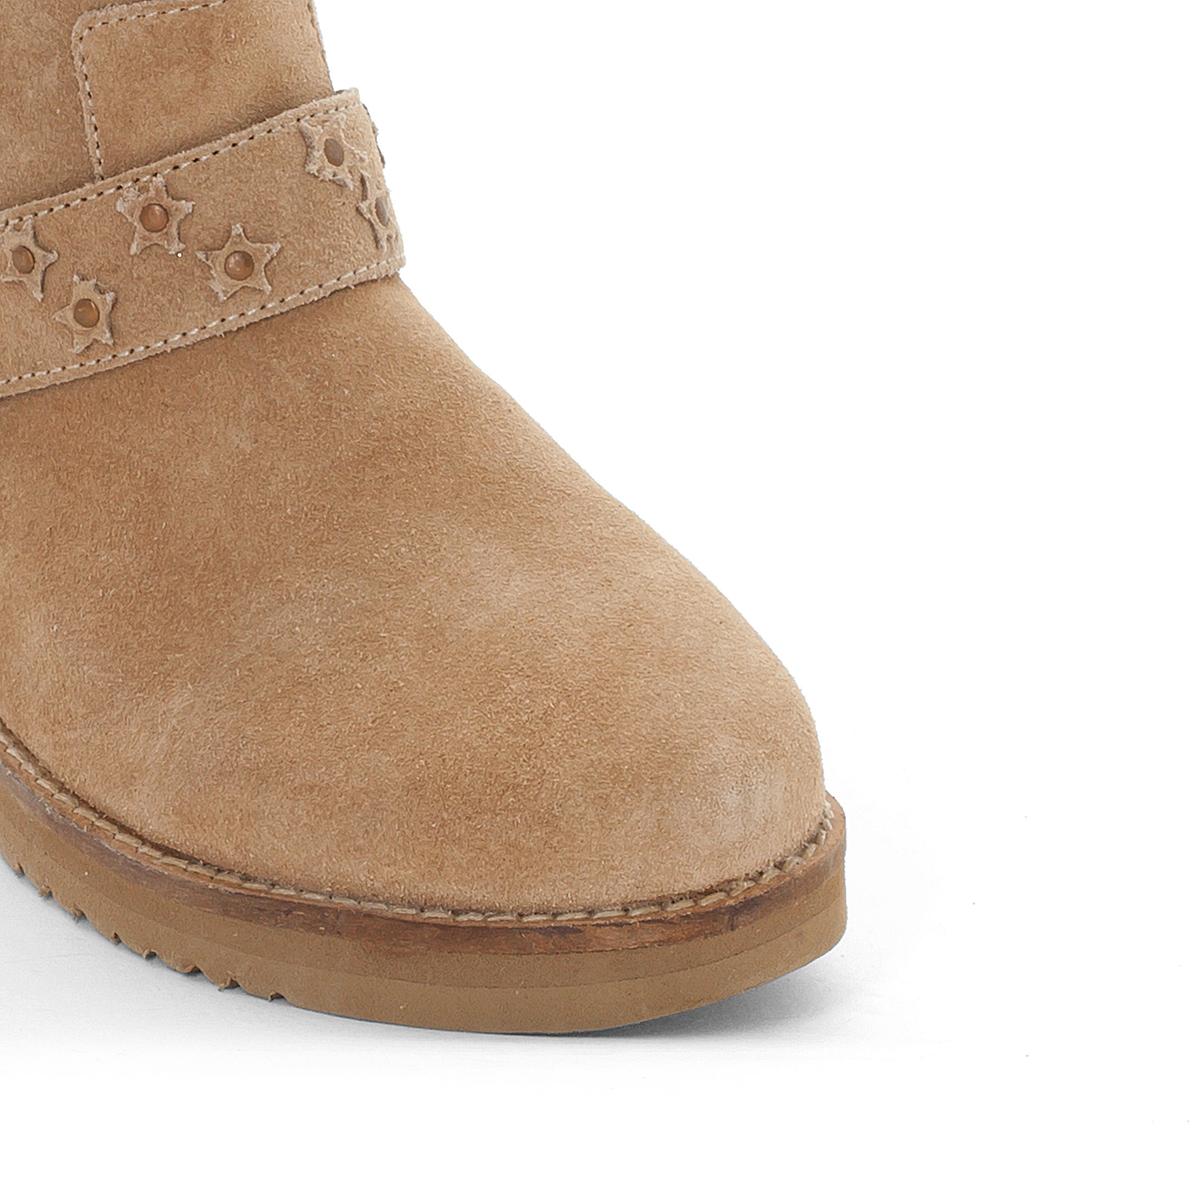 Ботинки замшевые  MicaВерх/Голенище : синтетика  Подкладка : Текстиль  Стелька : Кожа.  Подошва : каучук   Форма каблука : плоский каблук  Мысок : закругленный.  Застежка : без застежки<br><br>Цвет: бежевый<br>Размер: 36